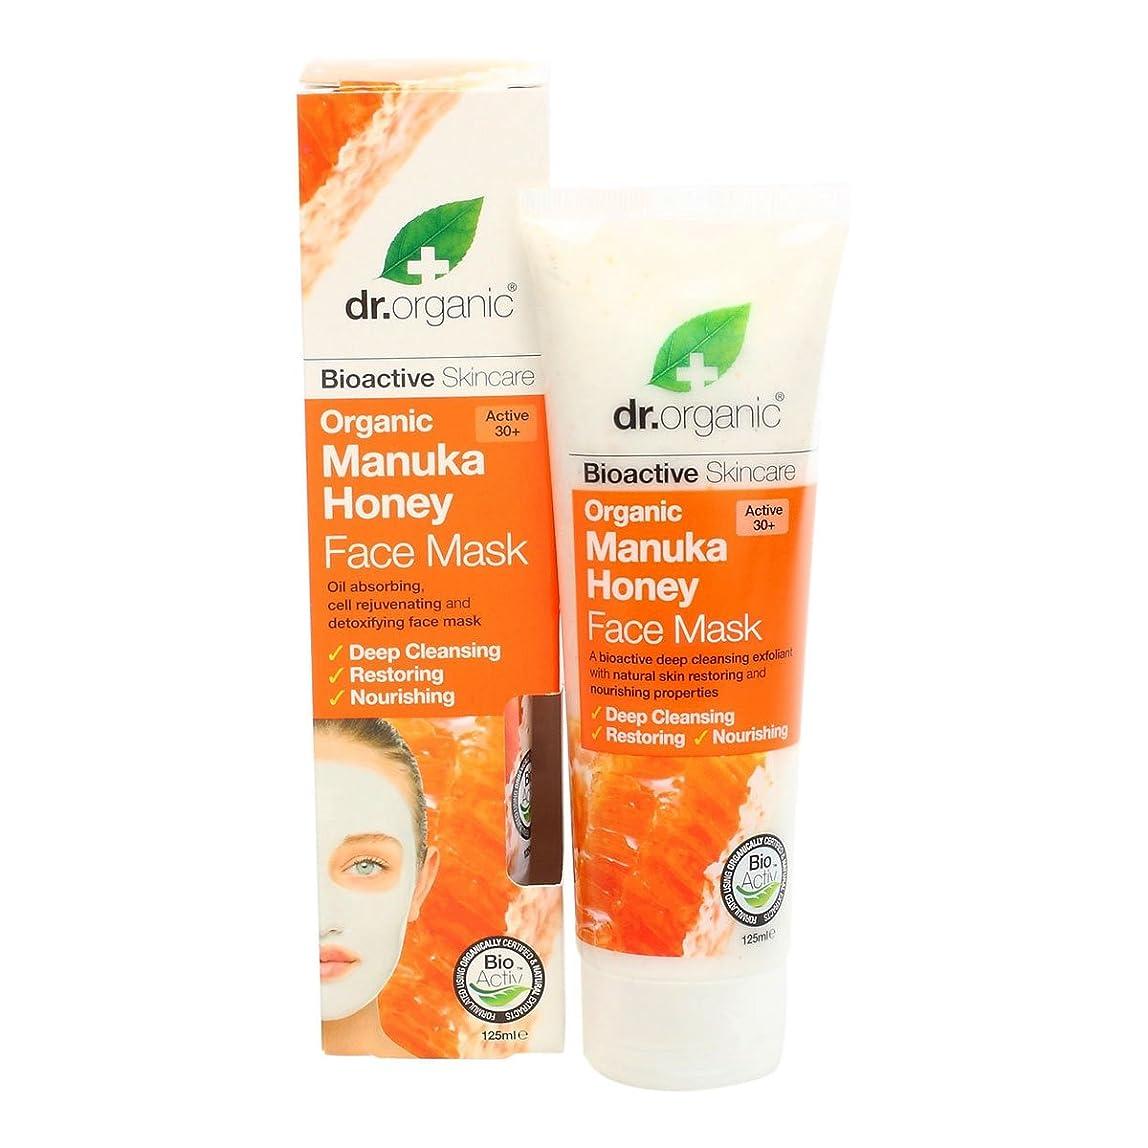 松の木範囲活性化Dr.organic Organic Manuka Honey Face Mask 125ml [並行輸入品]